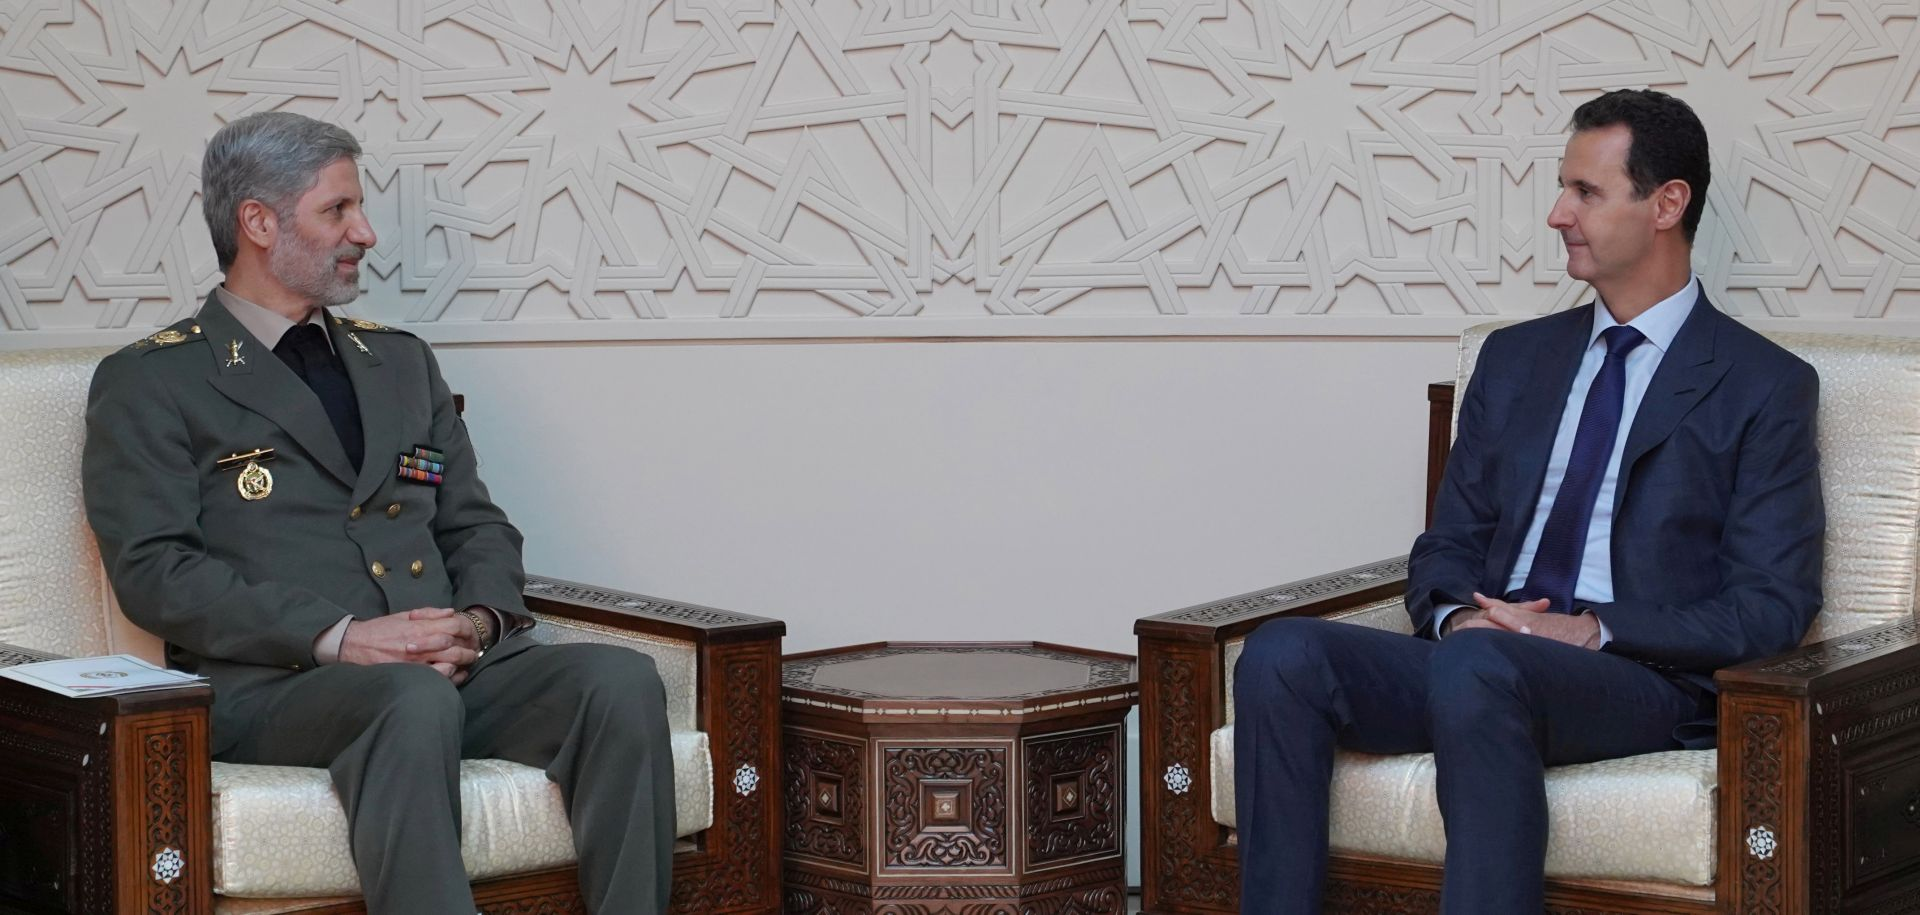 Iran potpisao sporazum o svojoj ulozi u Siriji nakon rata